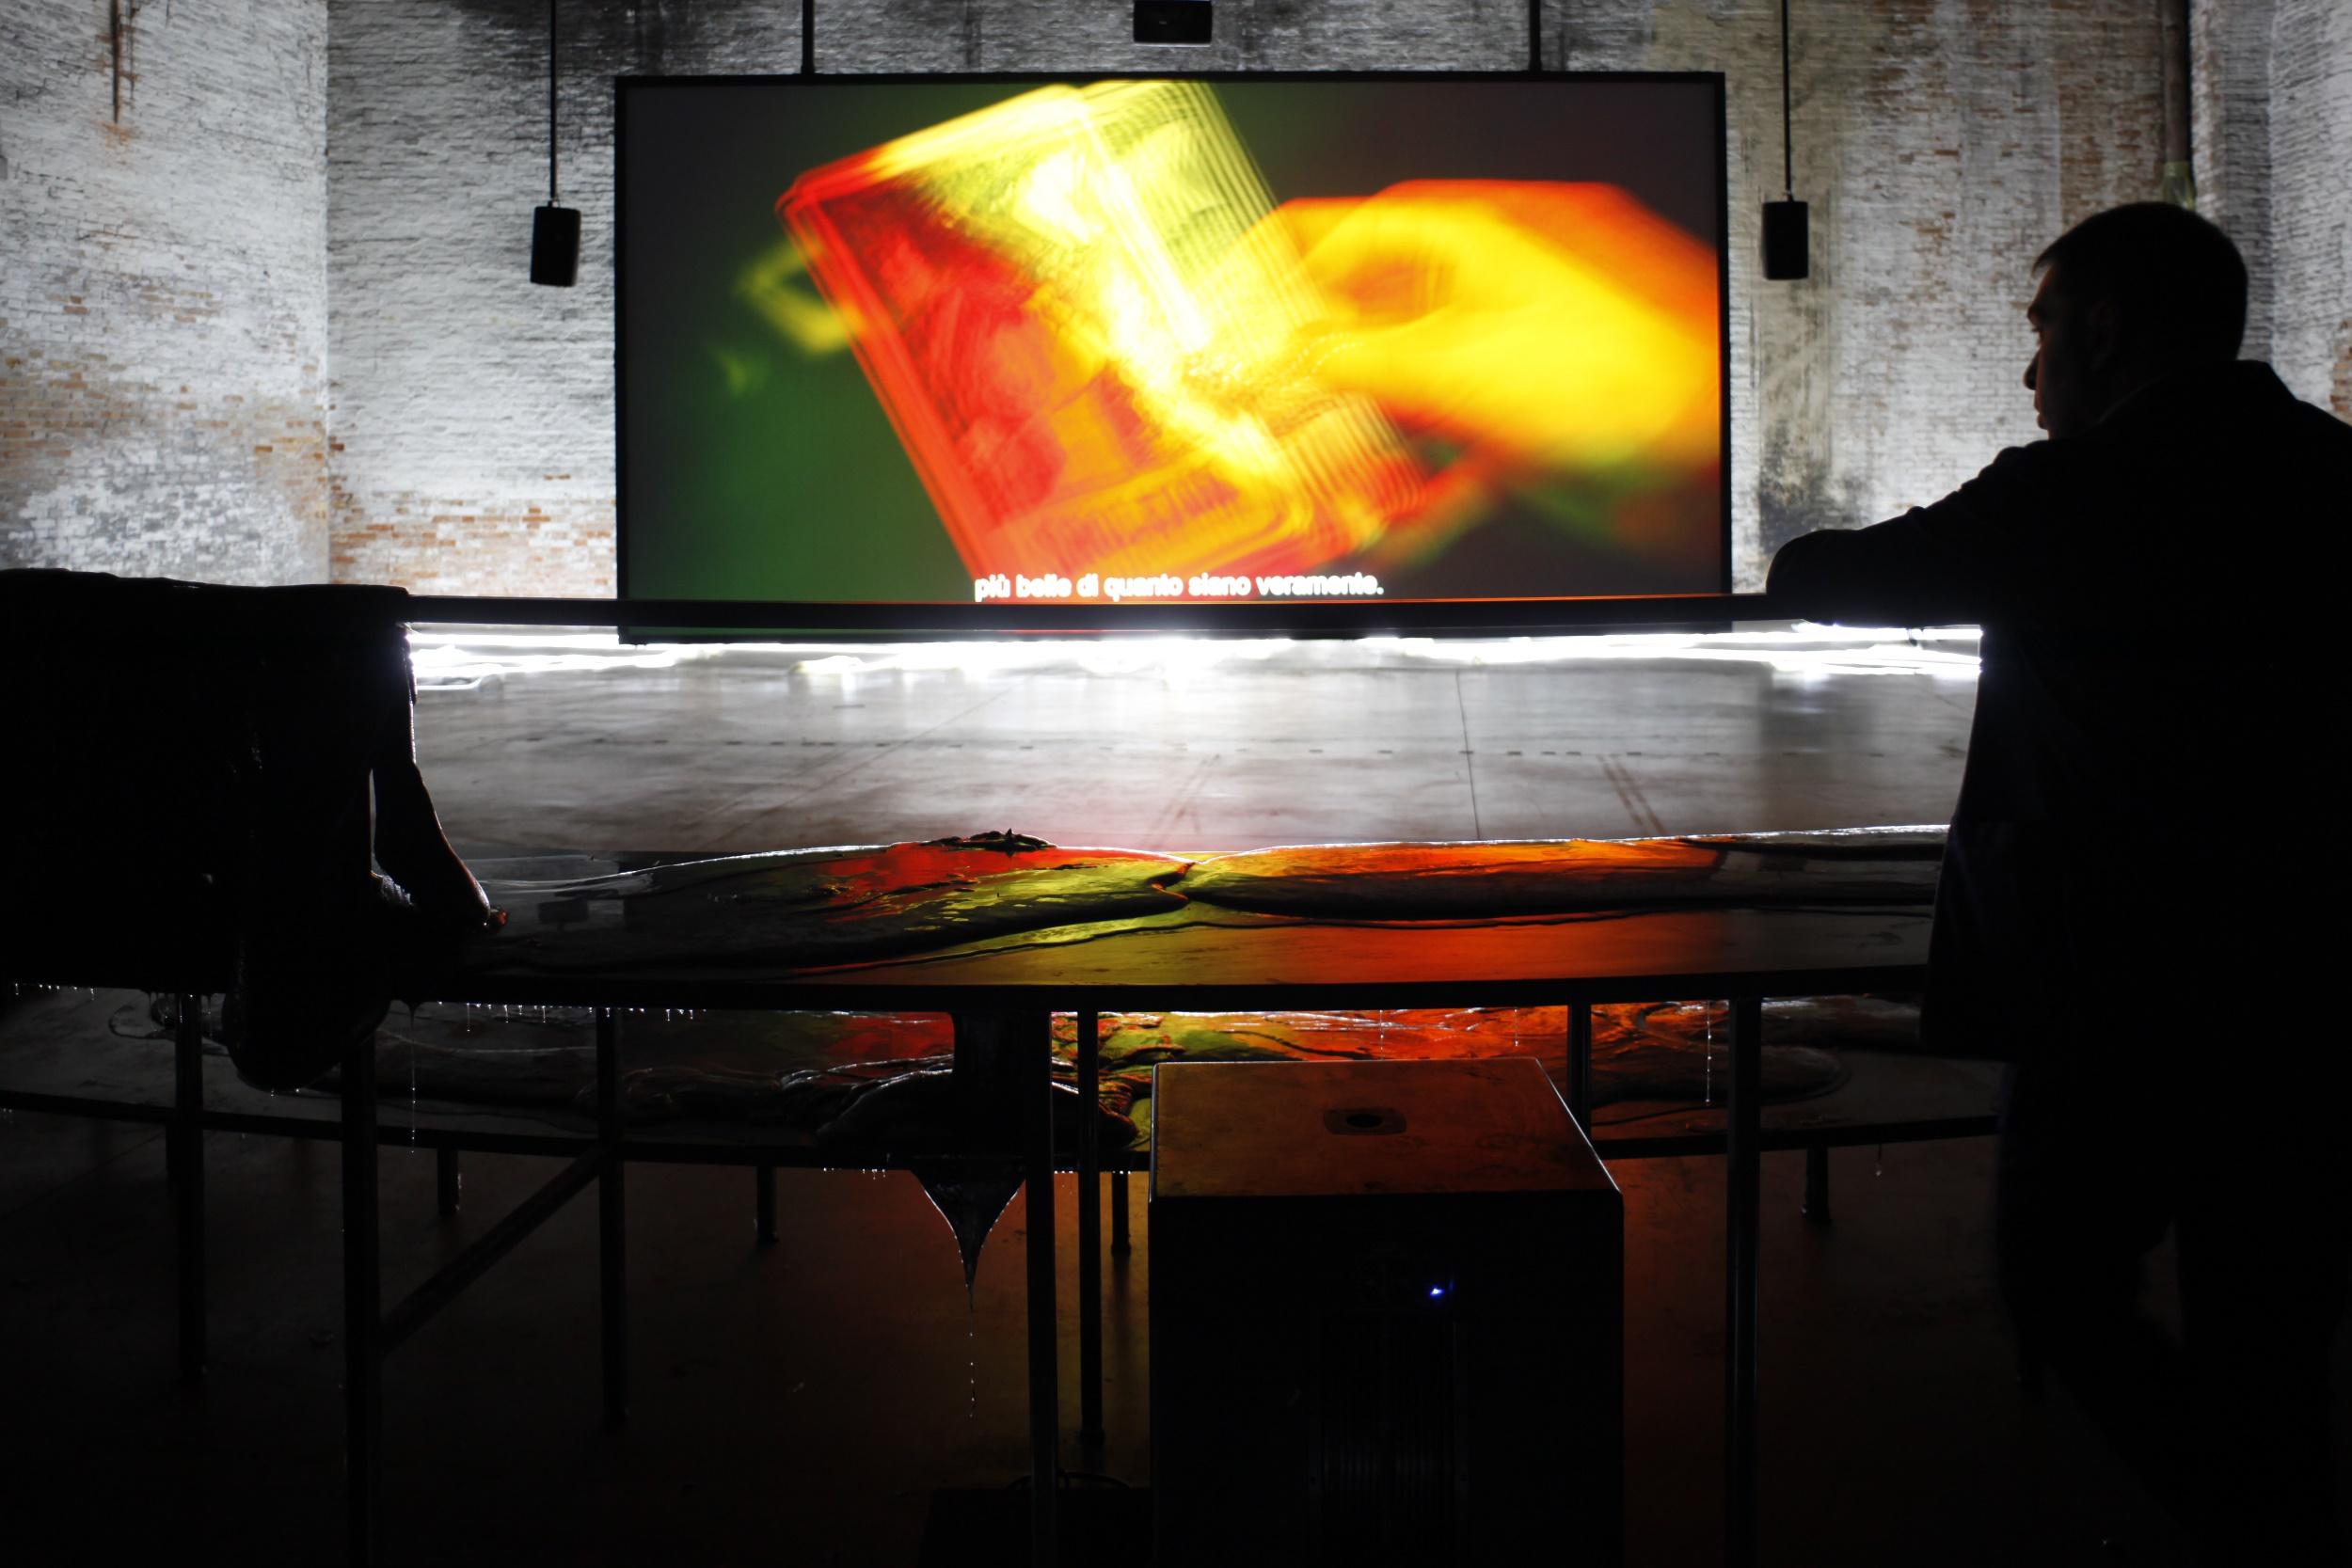 57. Esposizione Internazionale d'Arte, Venezia 2017, Padiglione Italia, Giorgio Andreotta Calò, Senza titolo (La fine del mondo), photo credit Andrea Ferro